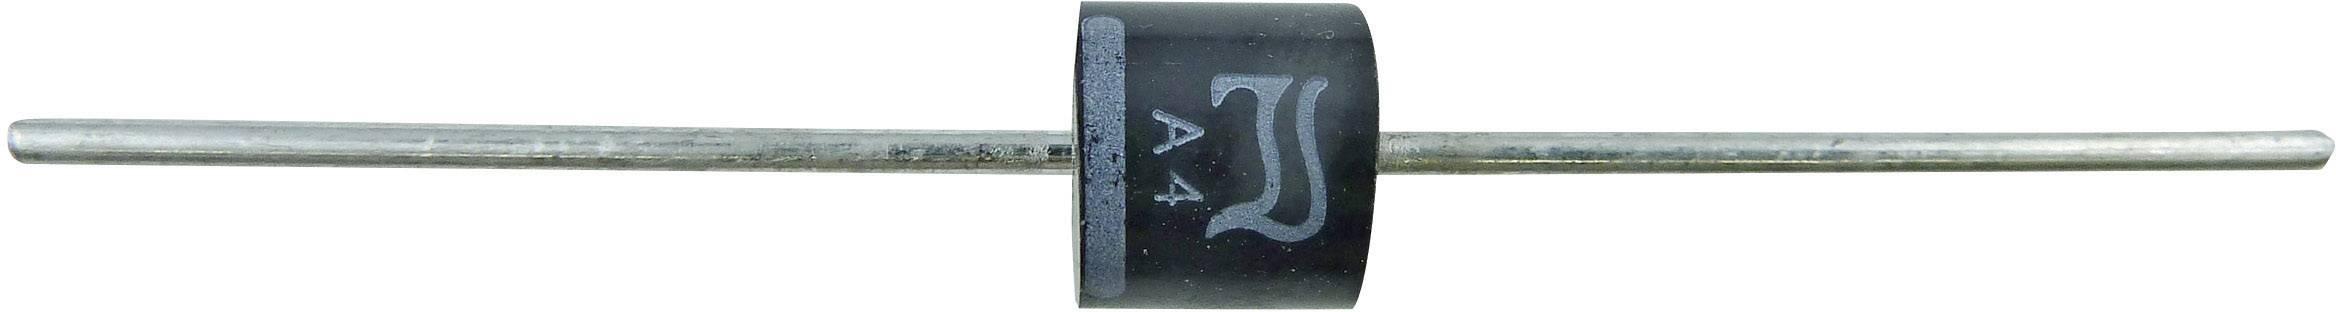 Kremíková usmerňovacia dióda Diotec P2000M P2000M P600, 20 A, 1000 V